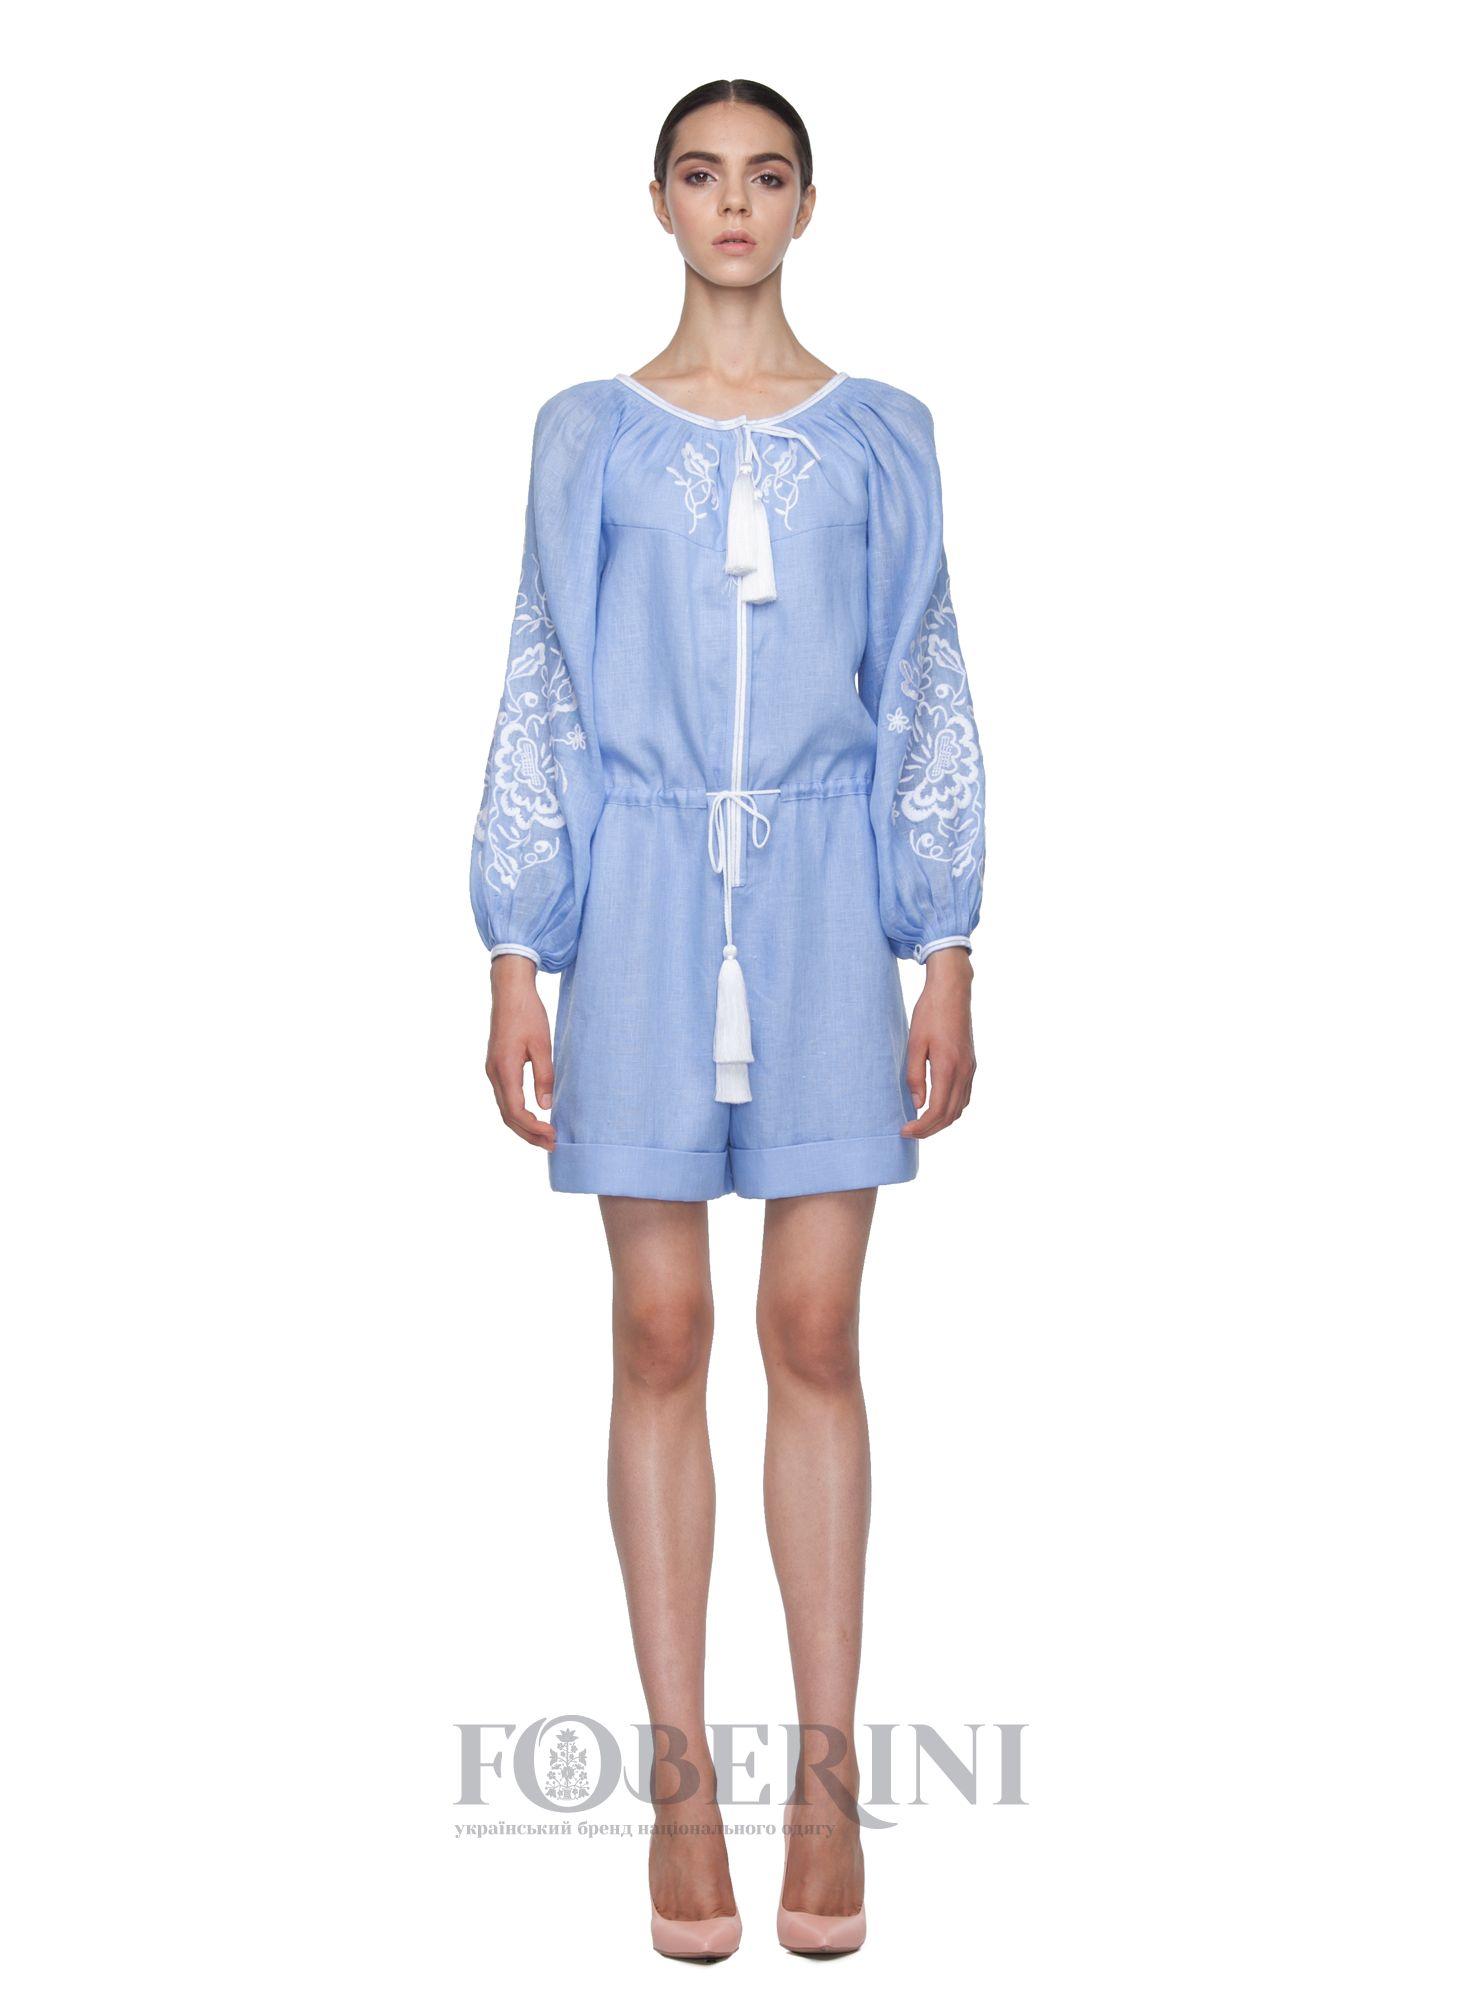 Жіночий вишитий комбінезон «Лагуна» ніжно-блакитного кольору. Виконаний з  високоякісного льону. 90feb1471472e